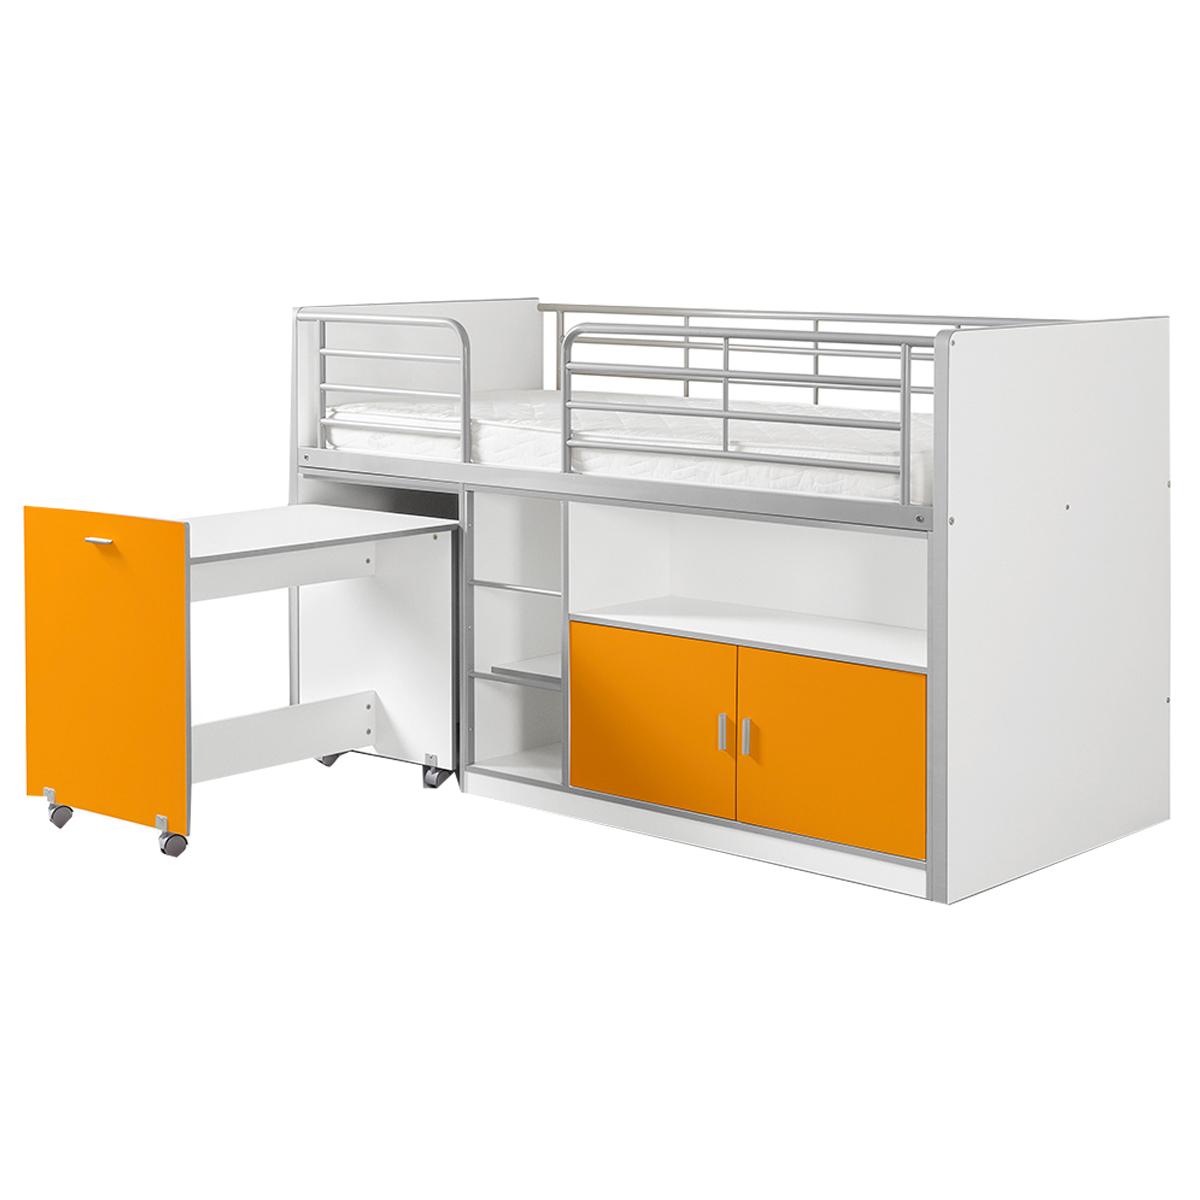 Lit combiné 91 90x200 Sommier Inclus Vipack Bonny - Orange